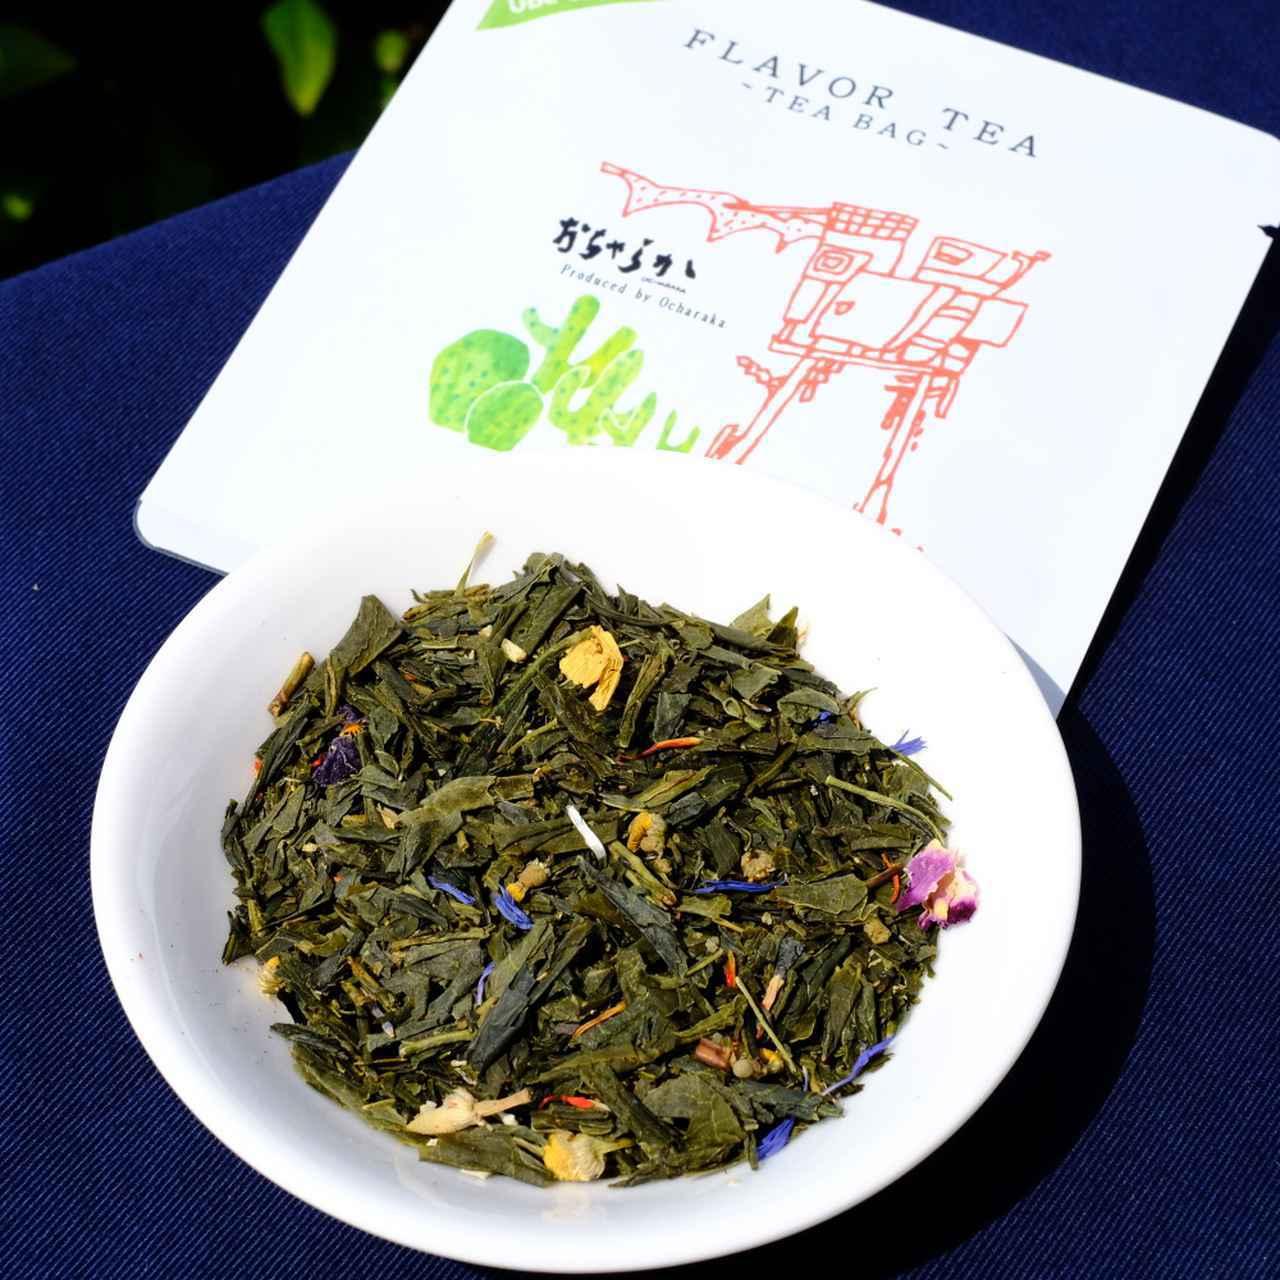 画像: そのひとつが「ゆめ花茶」。山口県産緑茶にハーブや花の香りづけをしたフレーバーティー。レモンやベリーの香りが口に広がり、飲みやすく爽やか。ここまで来たかー、と日本茶の概念が変わります。